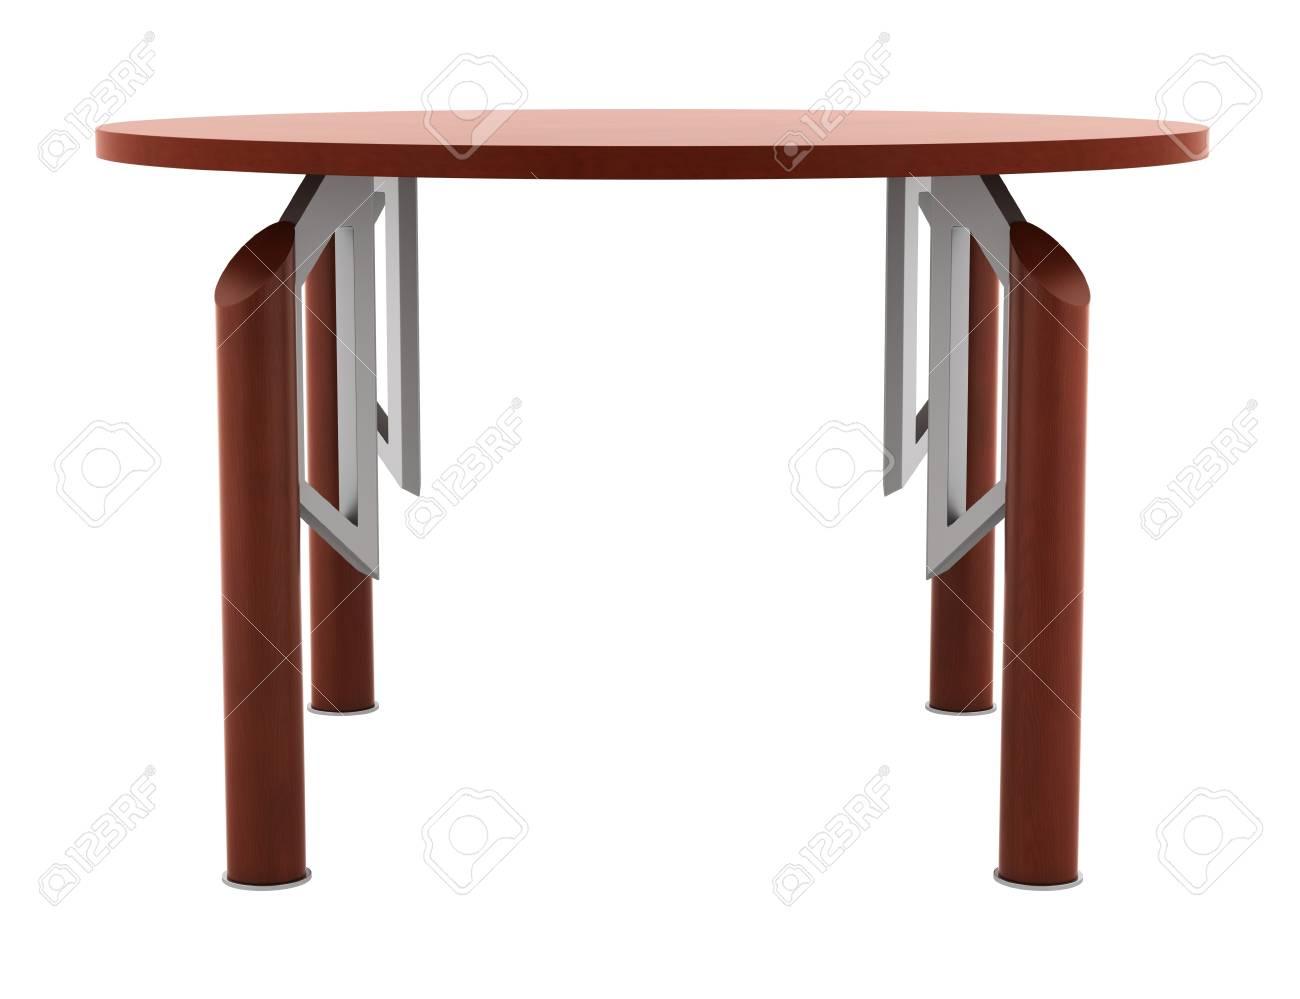 Moderne bruine ronde kantoor houten tafel geïsoleerd op witte